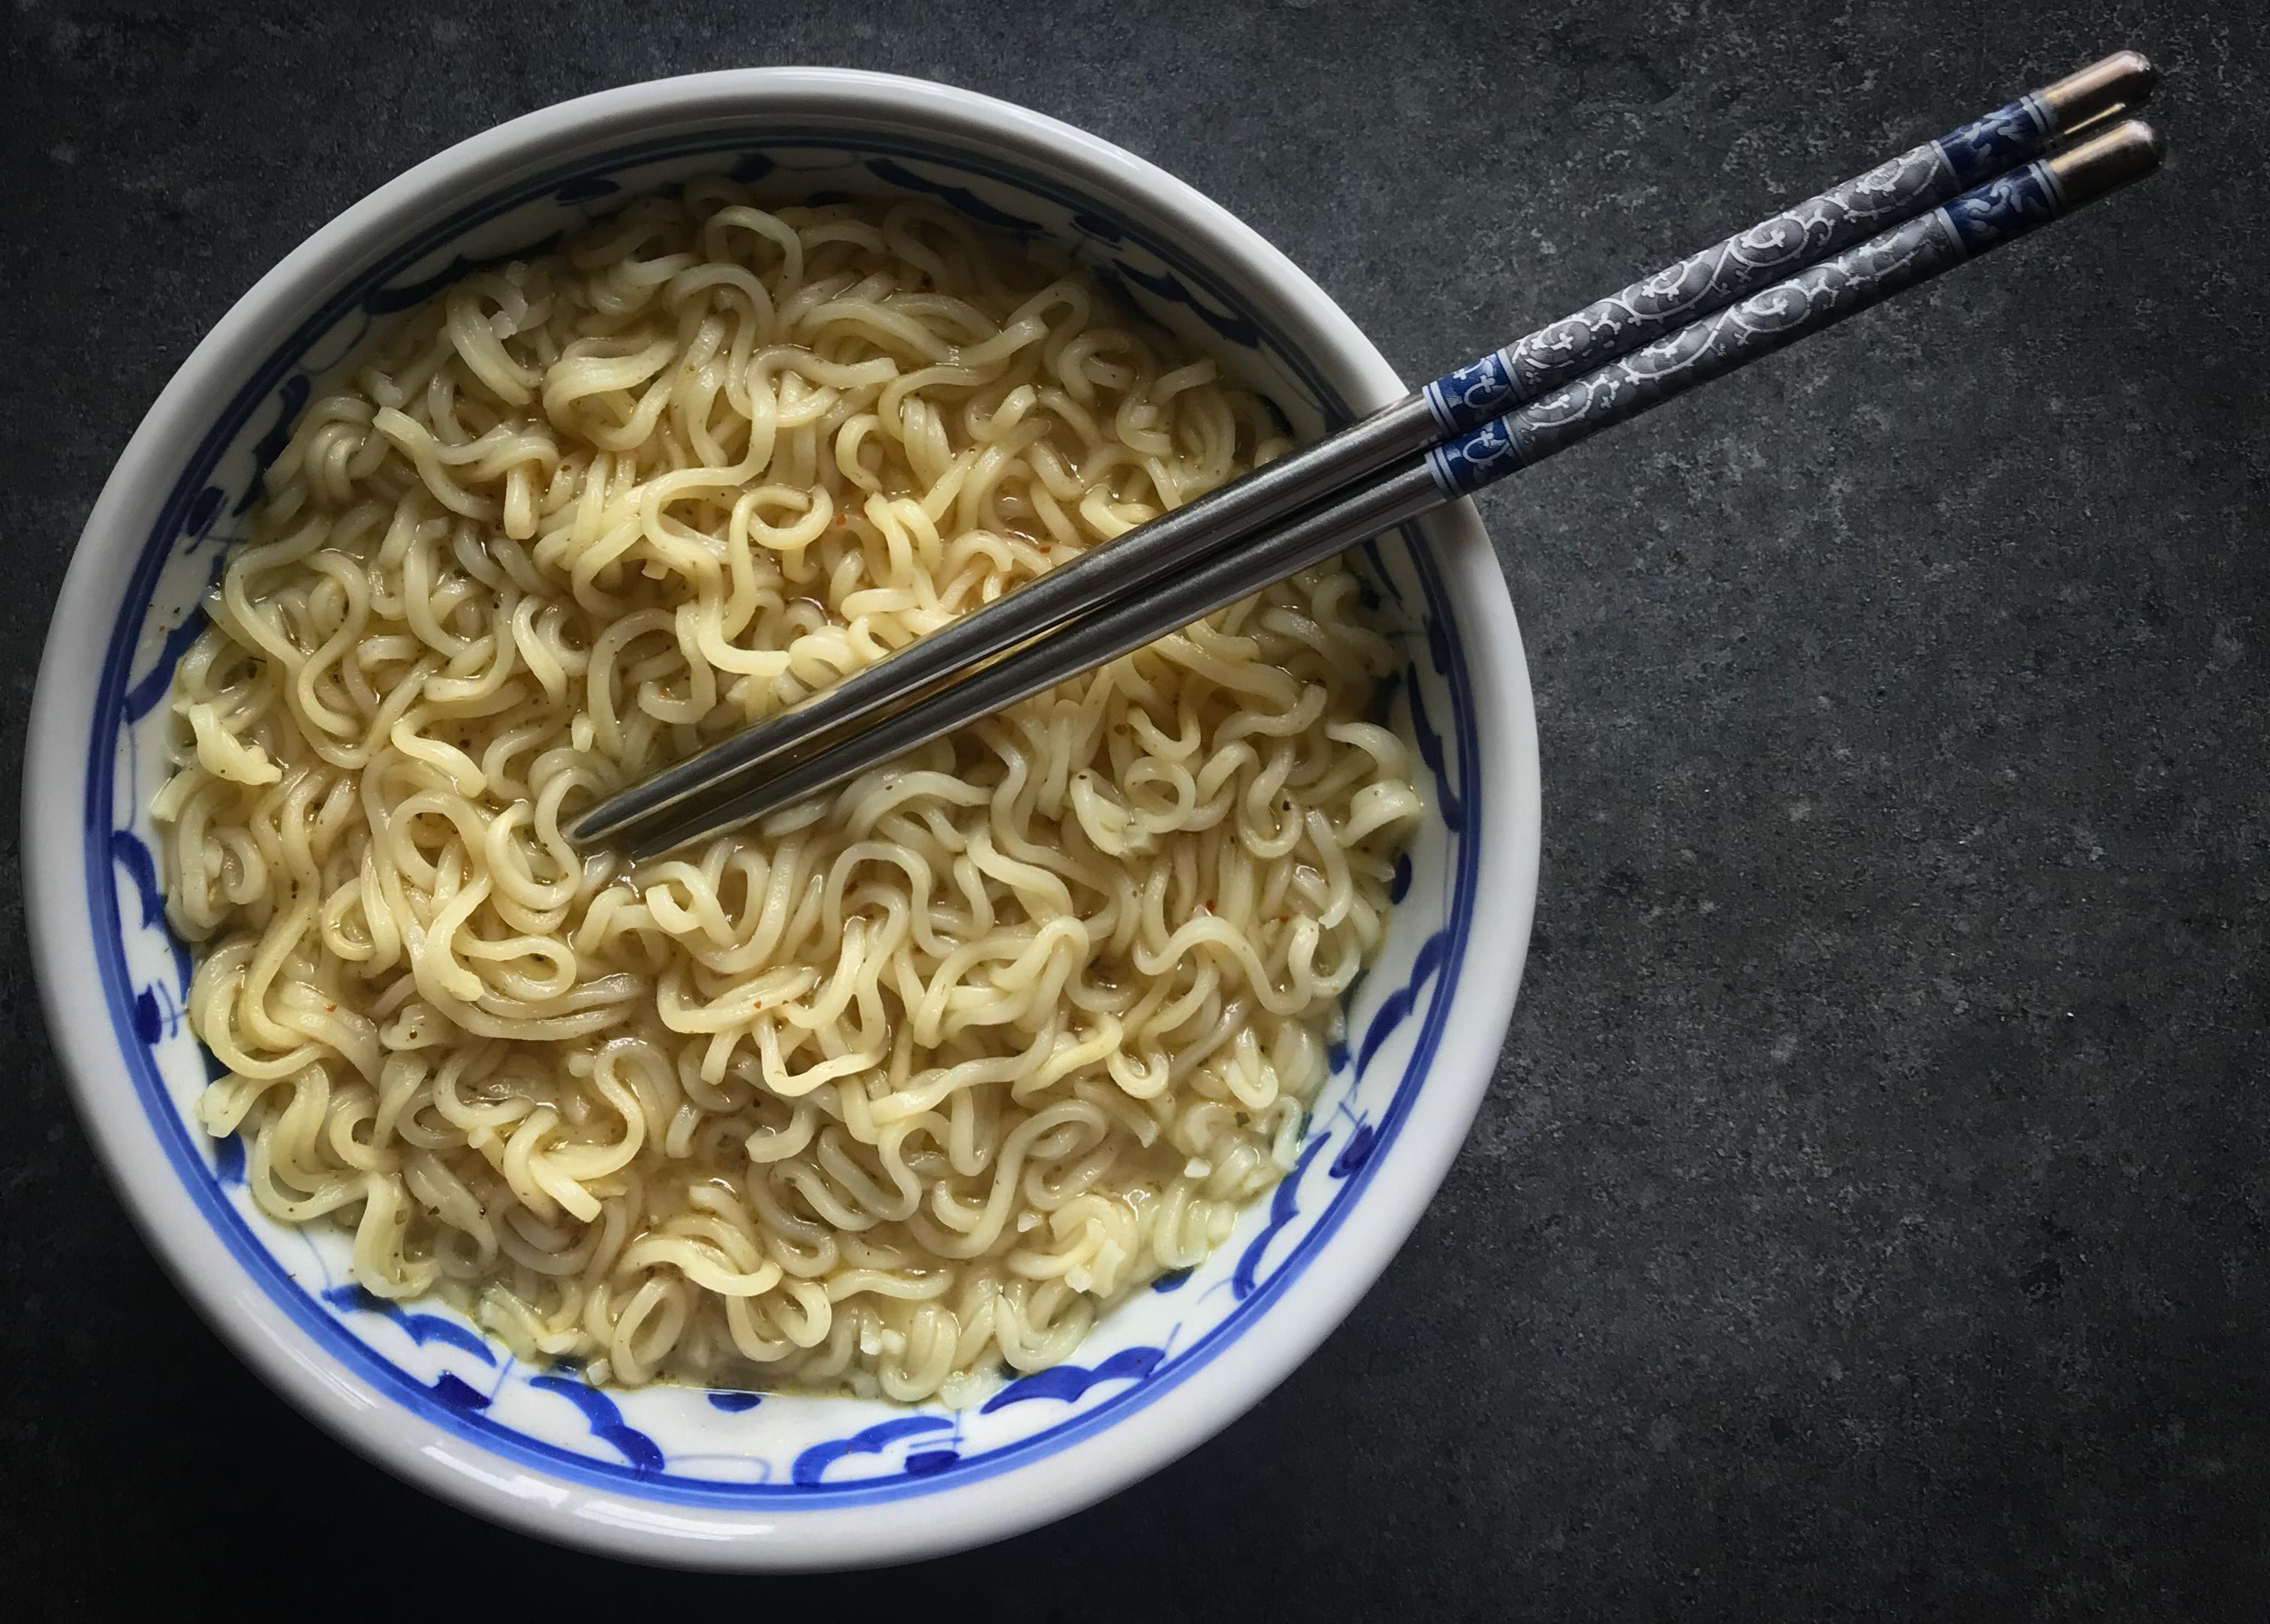 72. Indomie Perisa Soto Flavour Soup Noodles